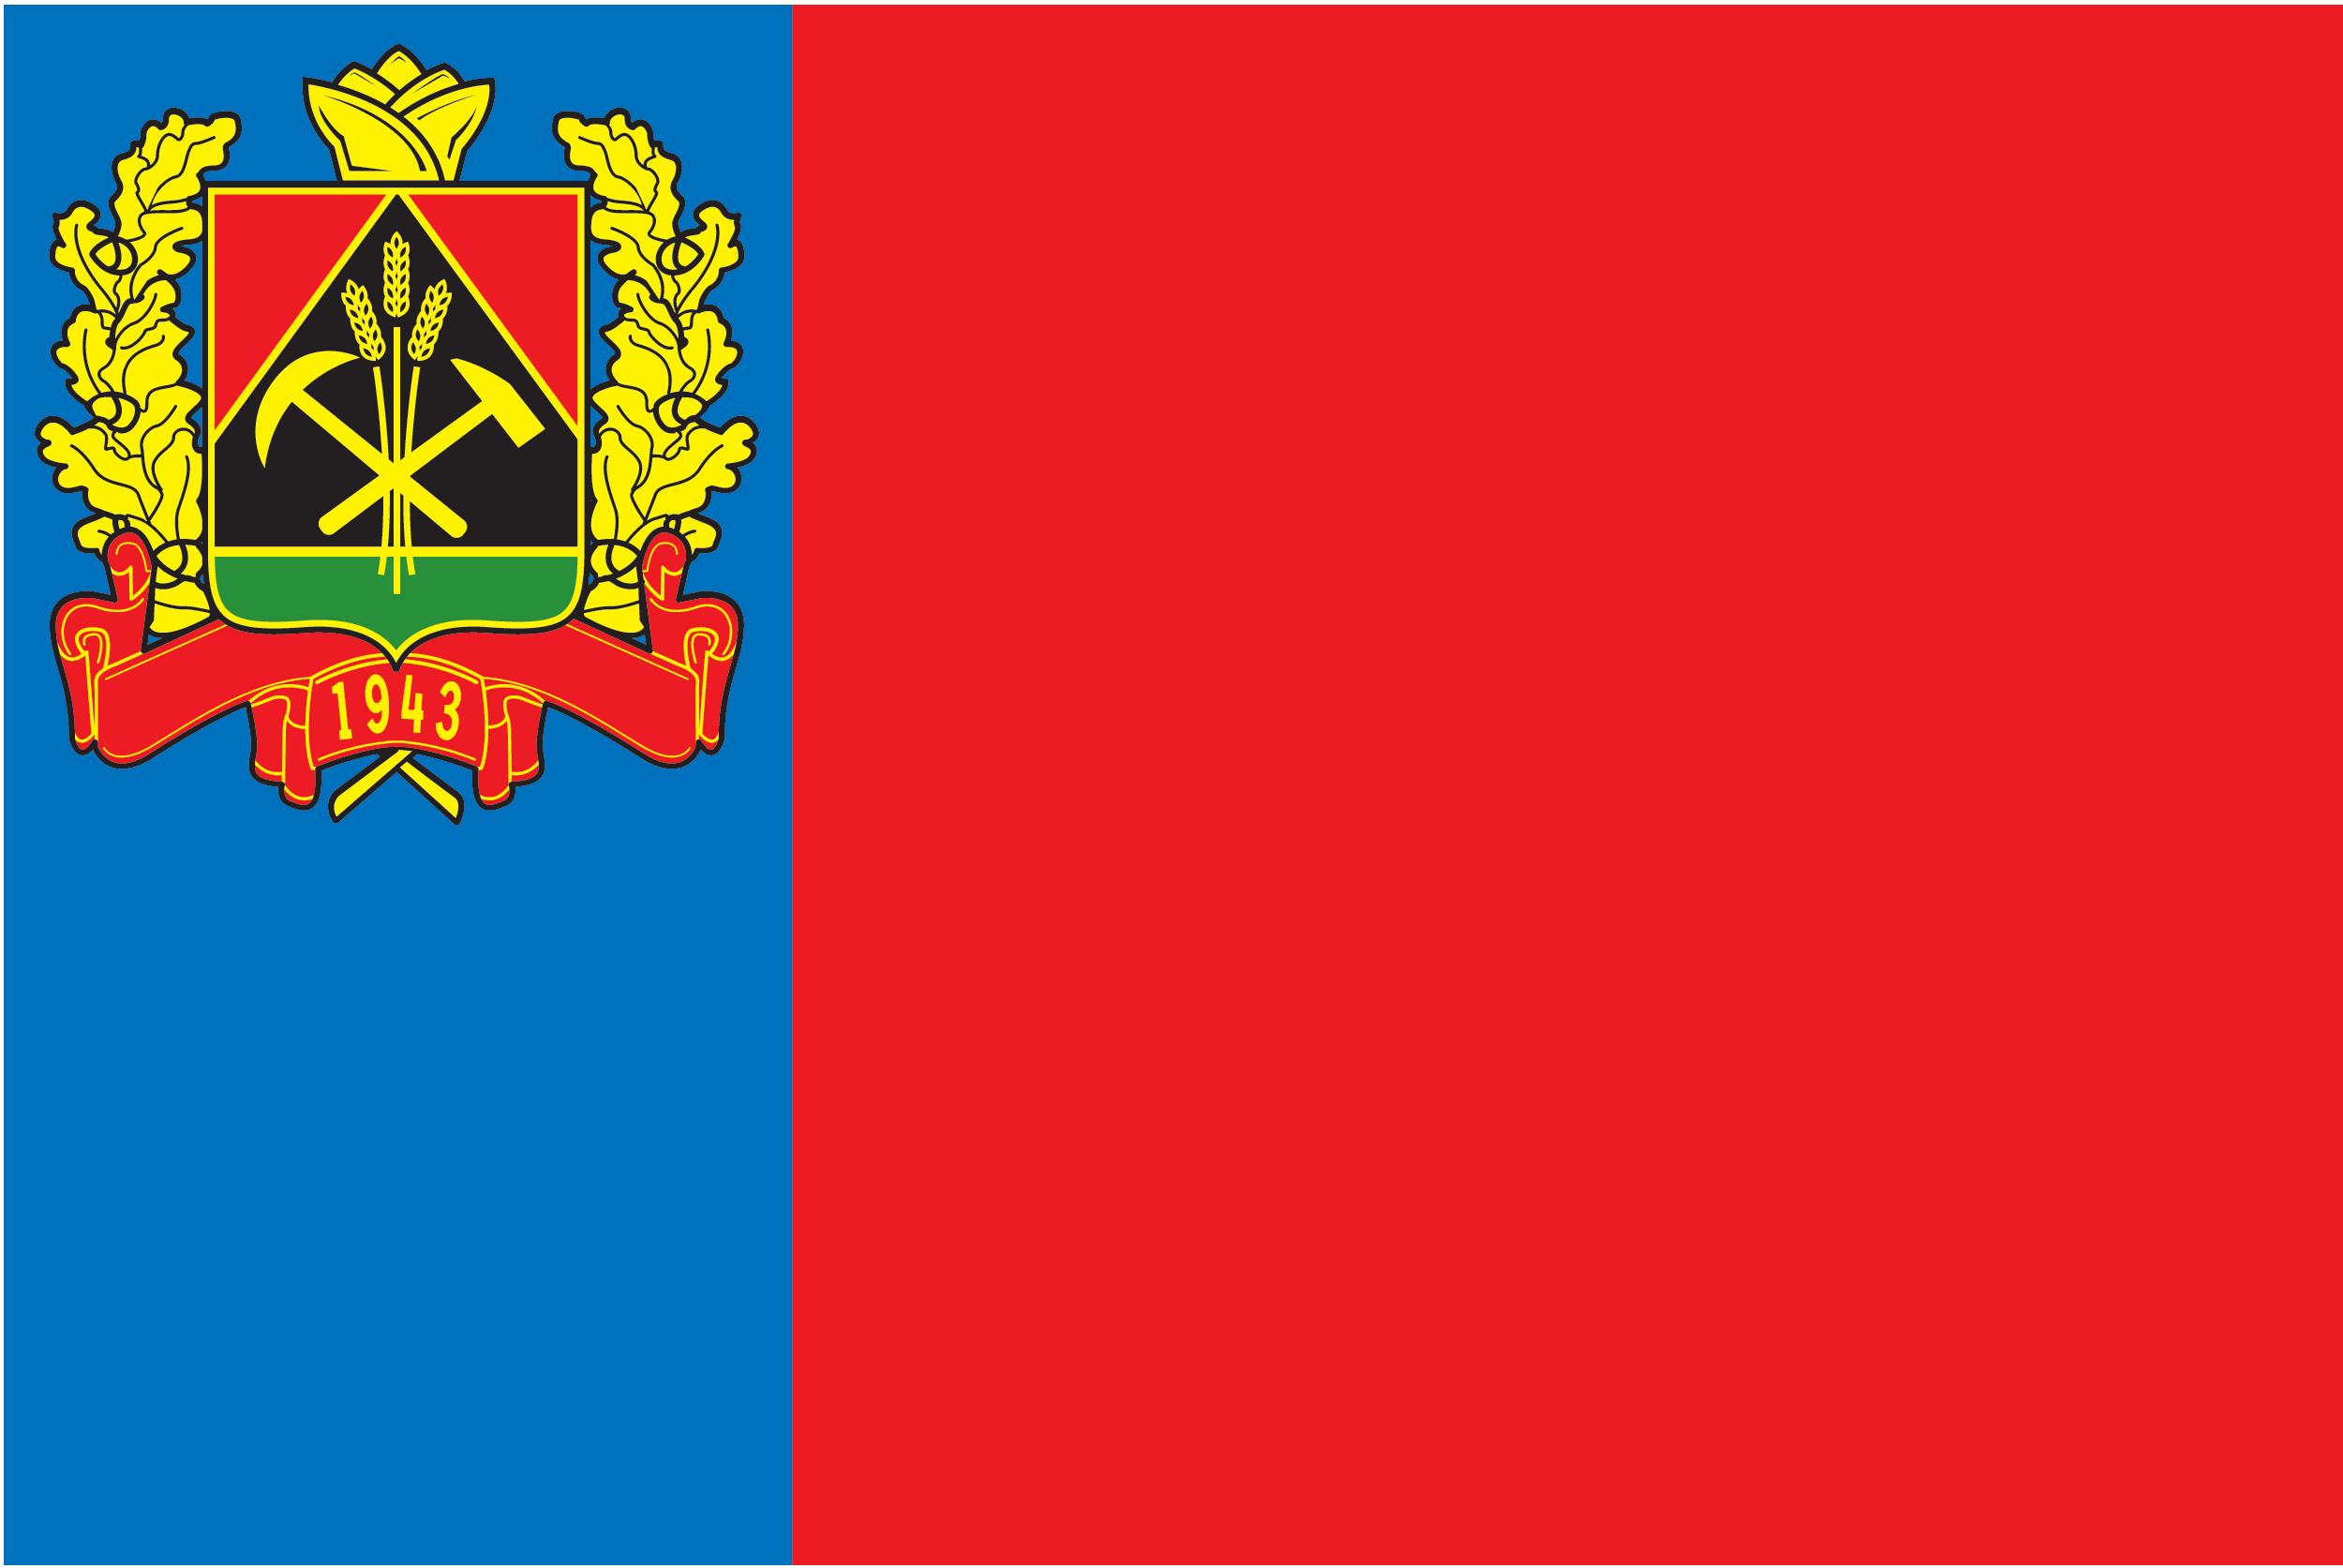 Векторный флаг Кемеровской области